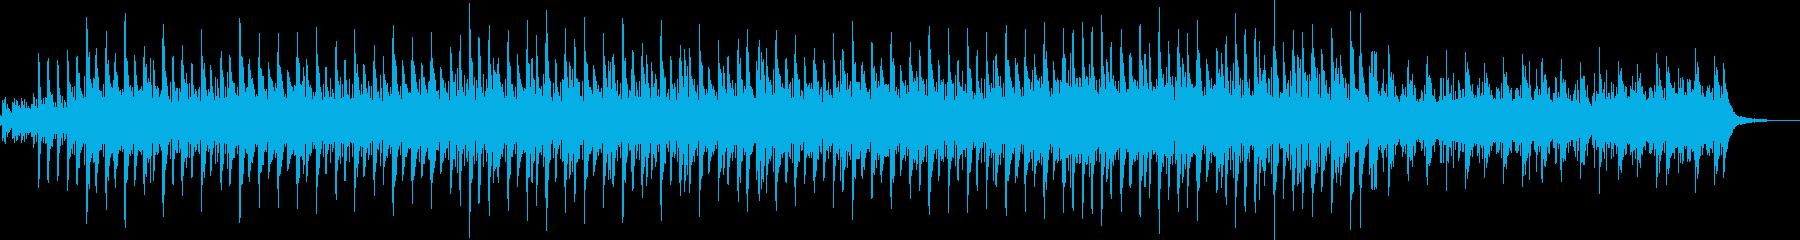 明るいエスニック風チルアウトの再生済みの波形